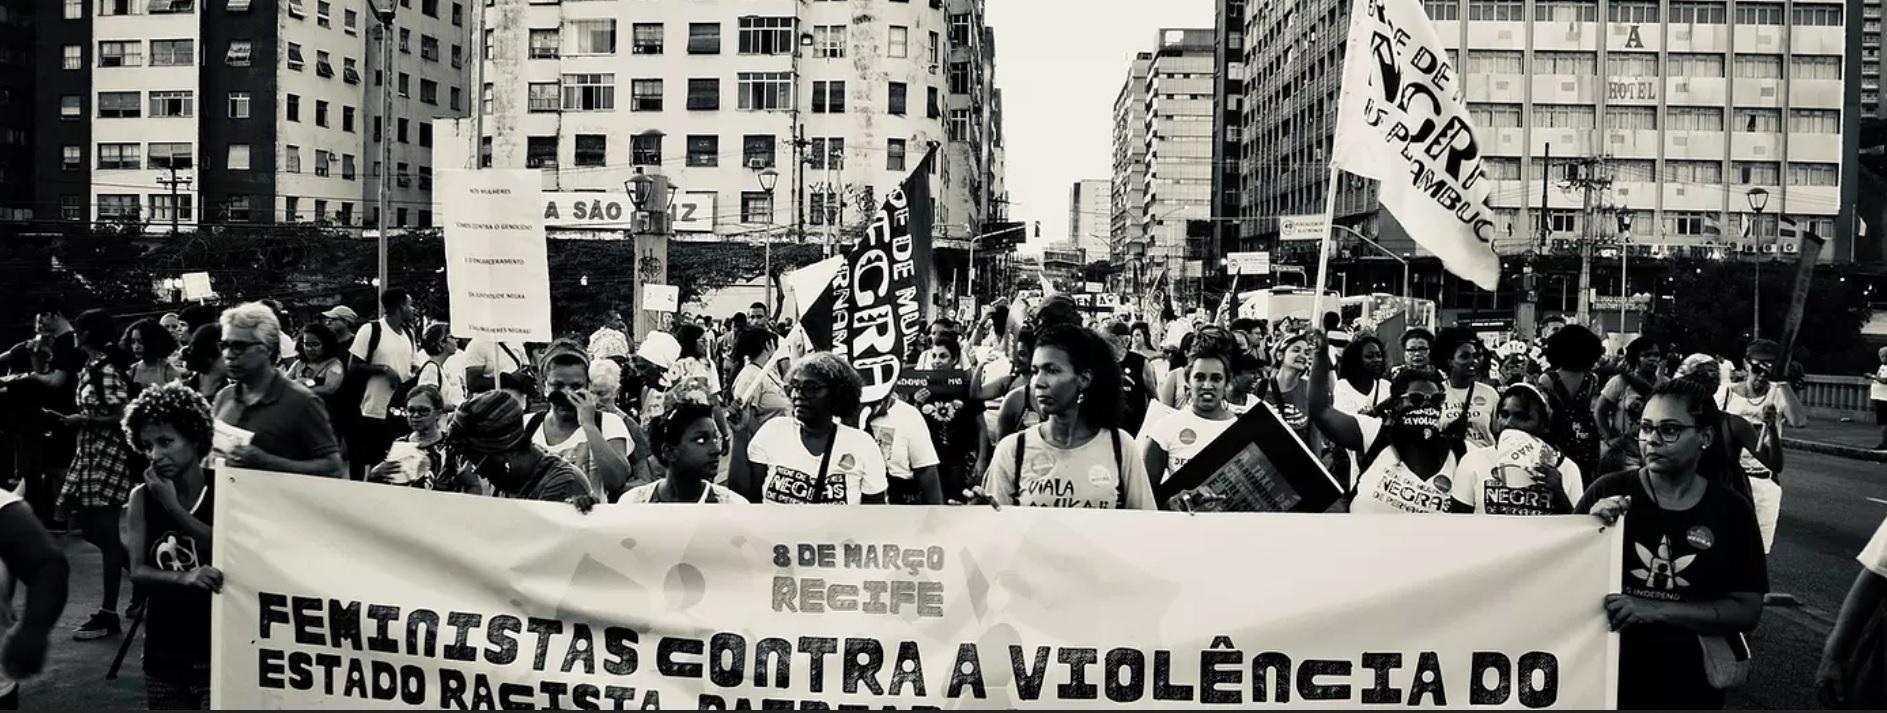 """Na pandemia, nós mulheres """"estamos de luto e lutando"""""""